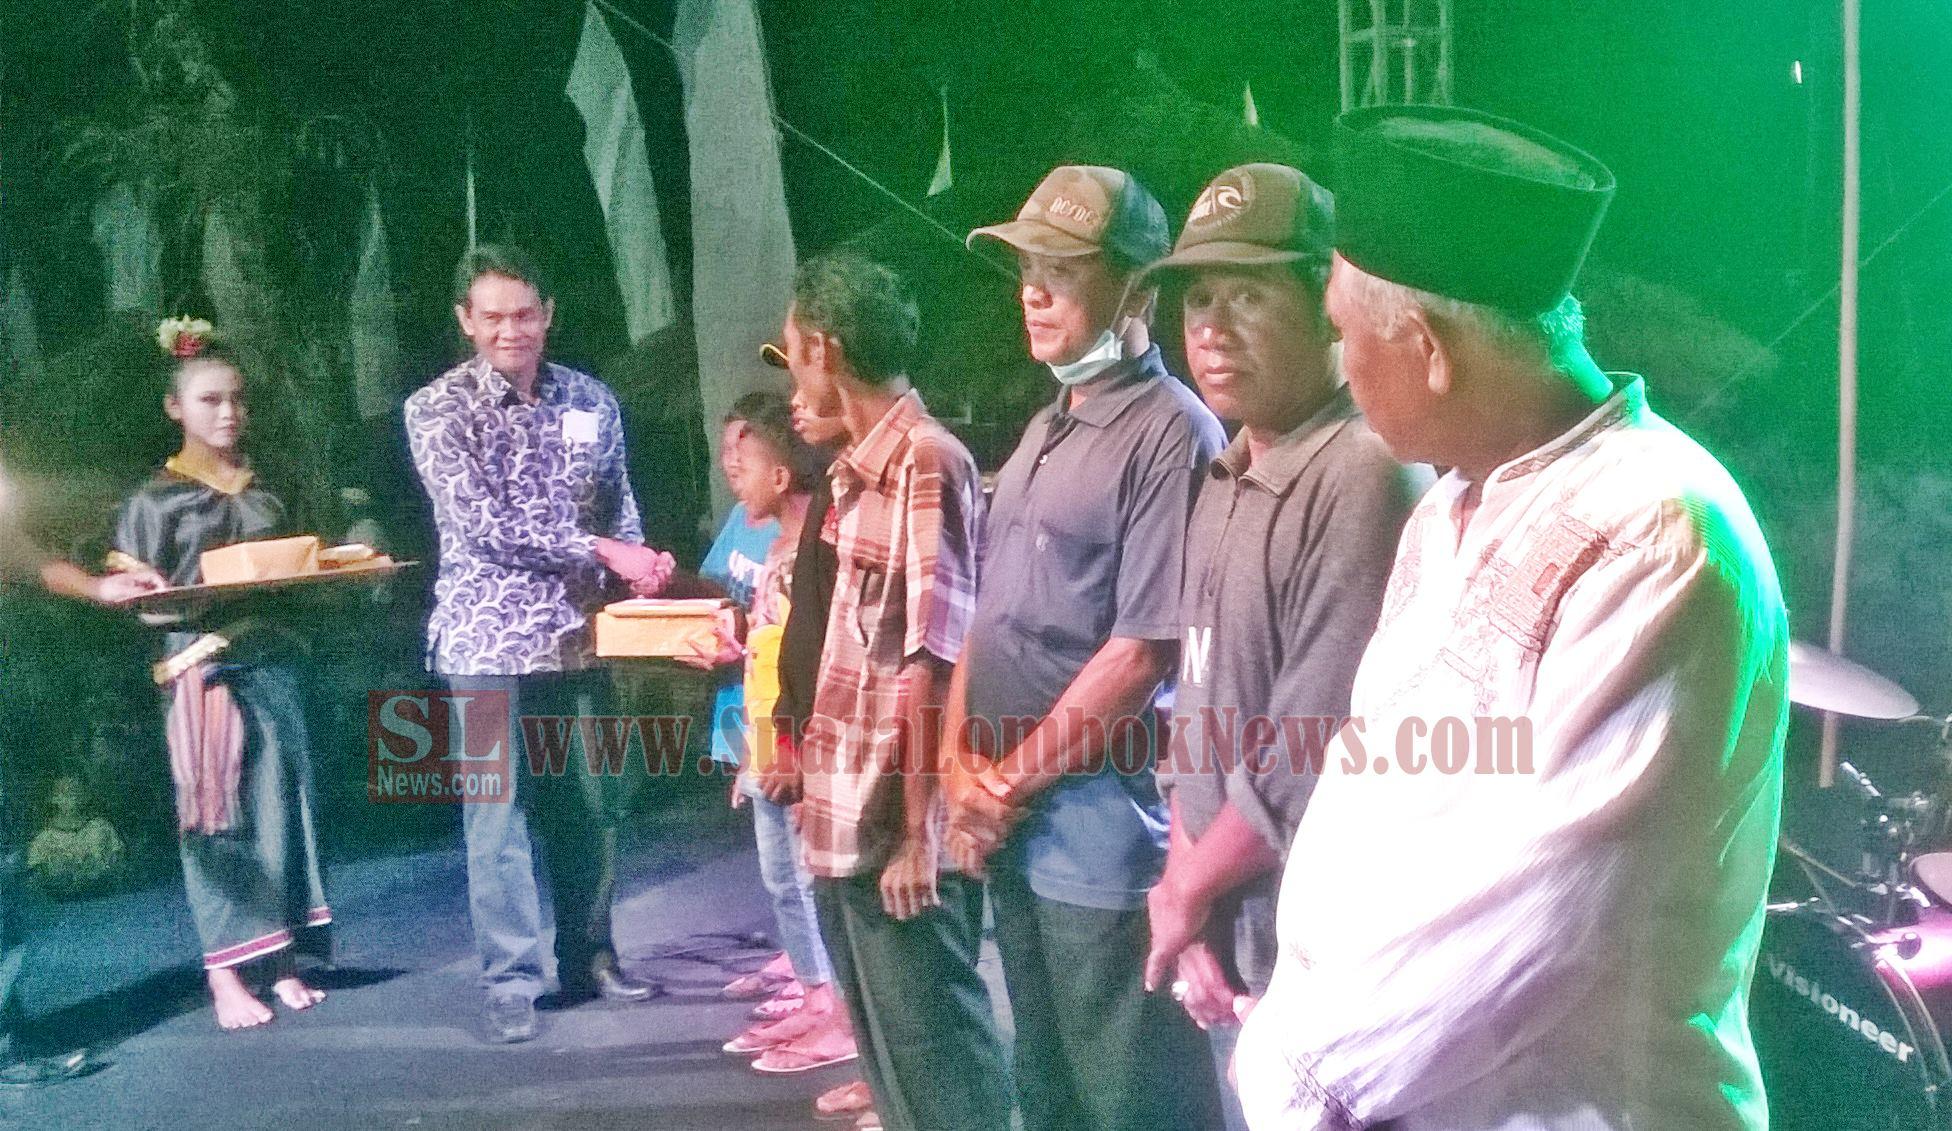 Penutupan Mandalika Sholah, Sholeh, Sholoh Expo 2017 Berlangsung Meriah